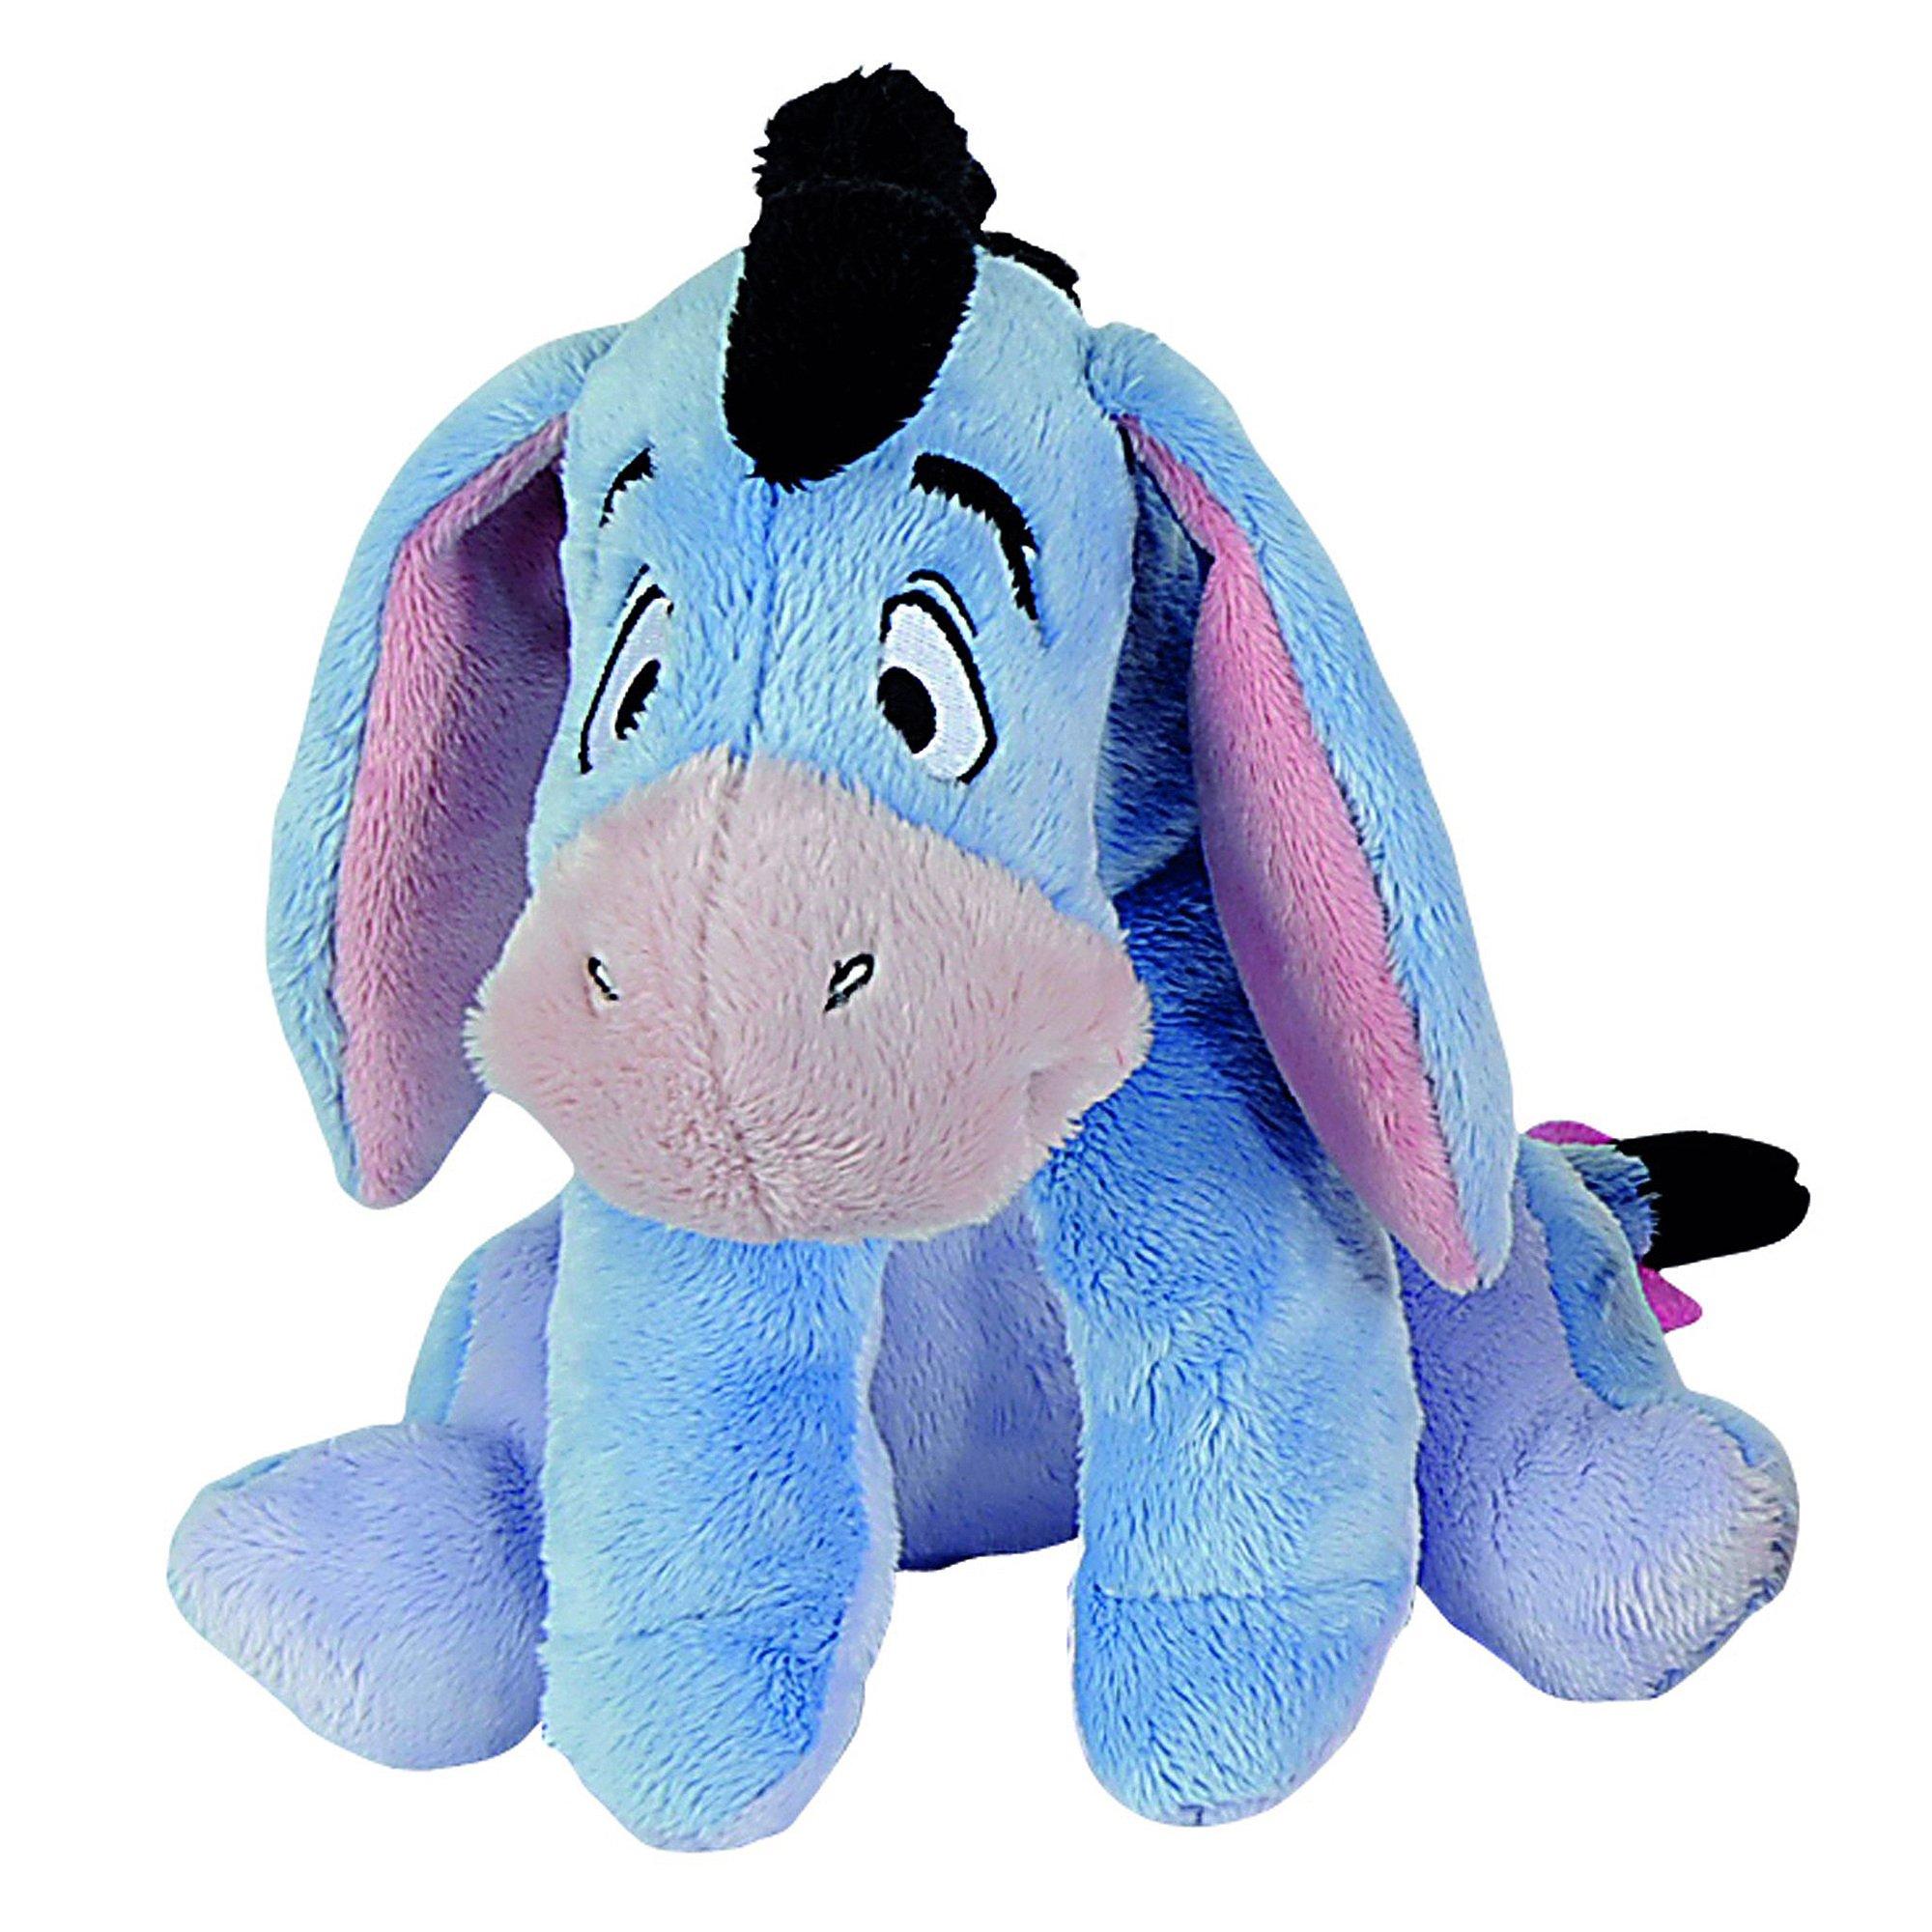 Купить Мягкая игрушка - Ушастик, 25 см., Nicotoy